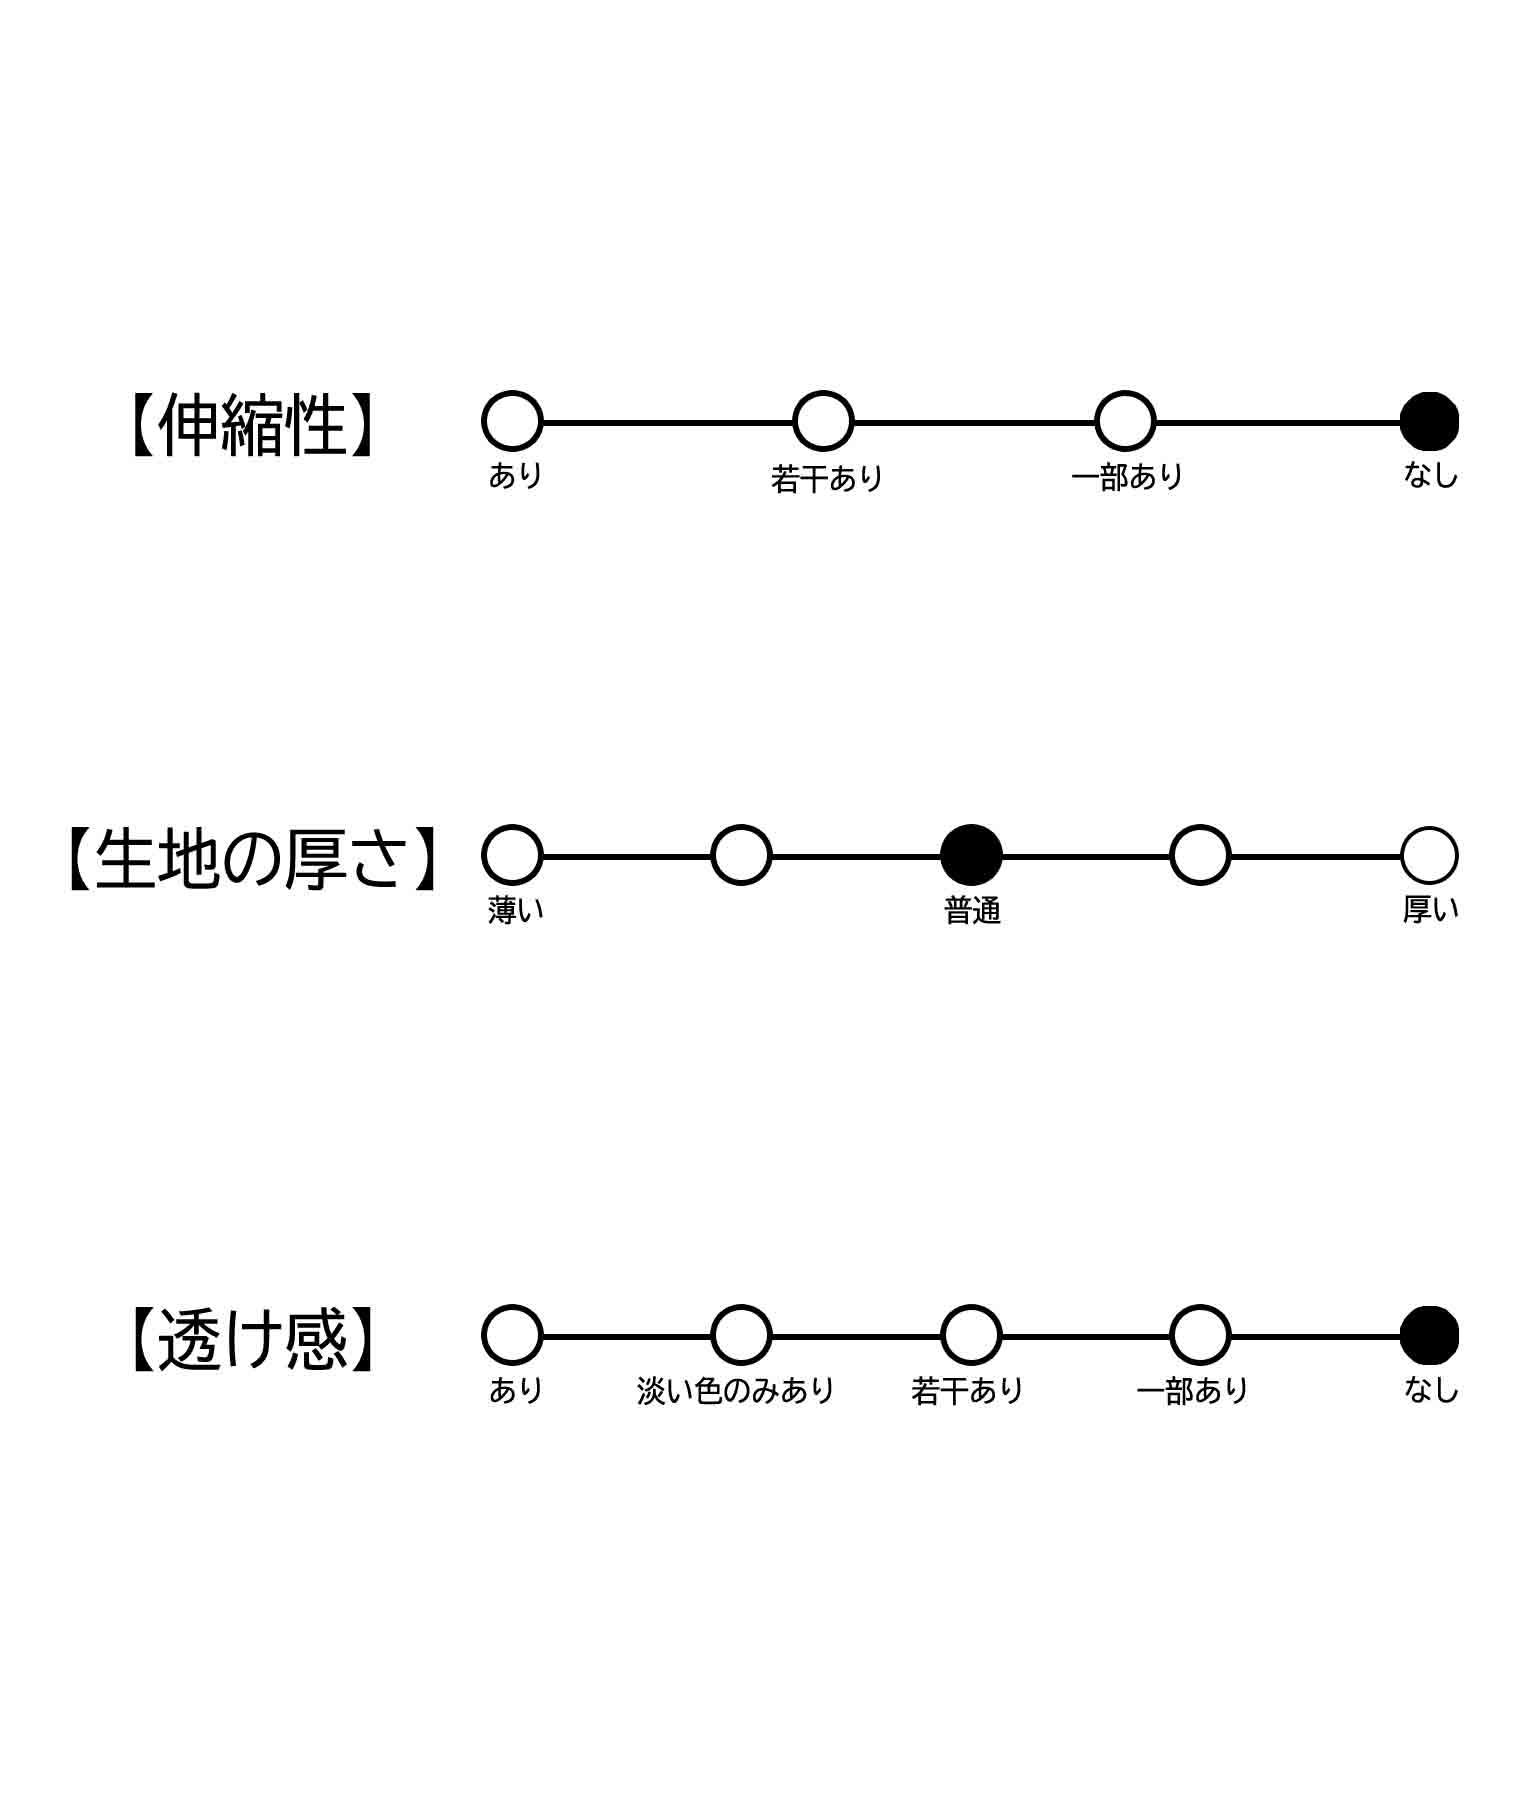 バックプリントダメージケミカルシャツ(アウター(コート・ジャケット) /ジャケット・ブルゾン) | ANAP